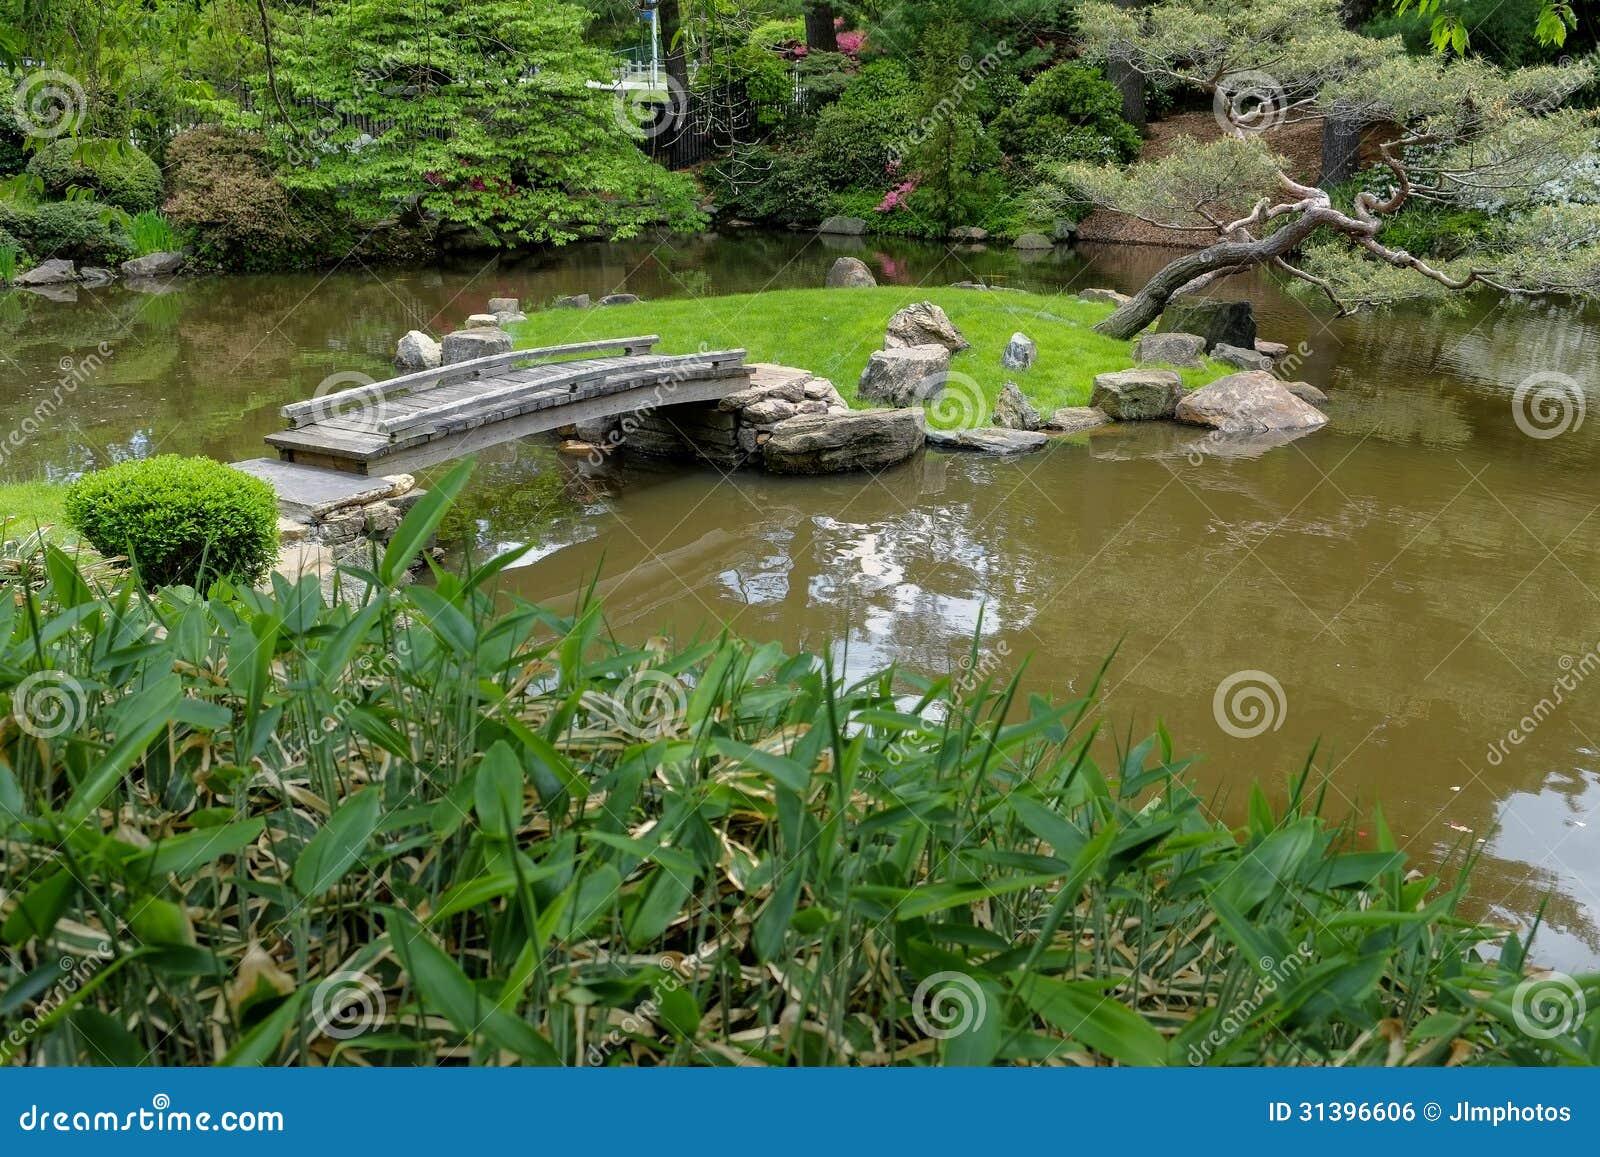 Old Wood Foot Bridge Across A Koi Pond